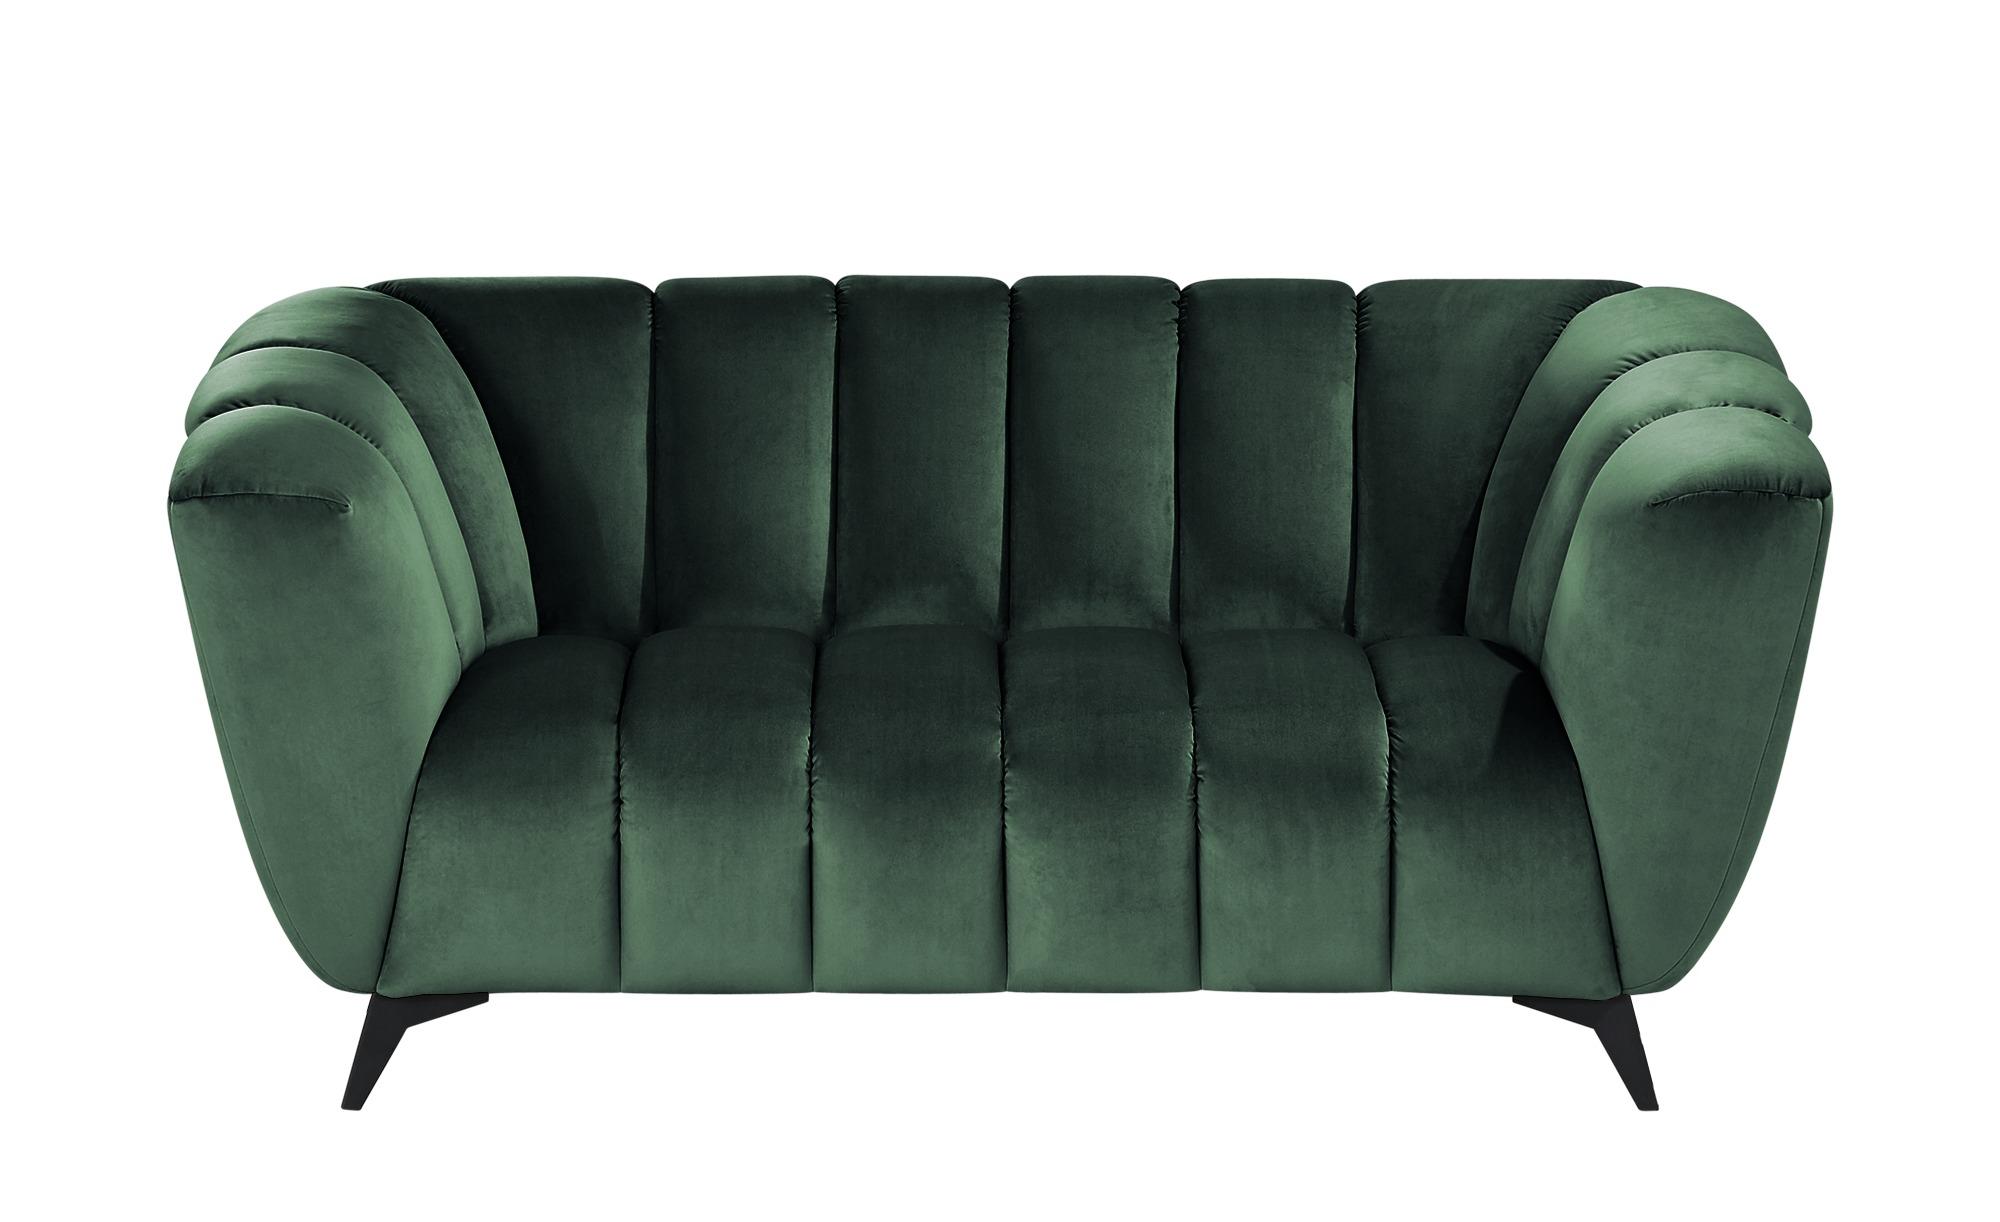 Sofa  Samantha ¦ grün ¦ Maße (cm): B: 180 H: 86 T: 100 Polstermöbel > Sofas > 2-Sitzer - Höffner